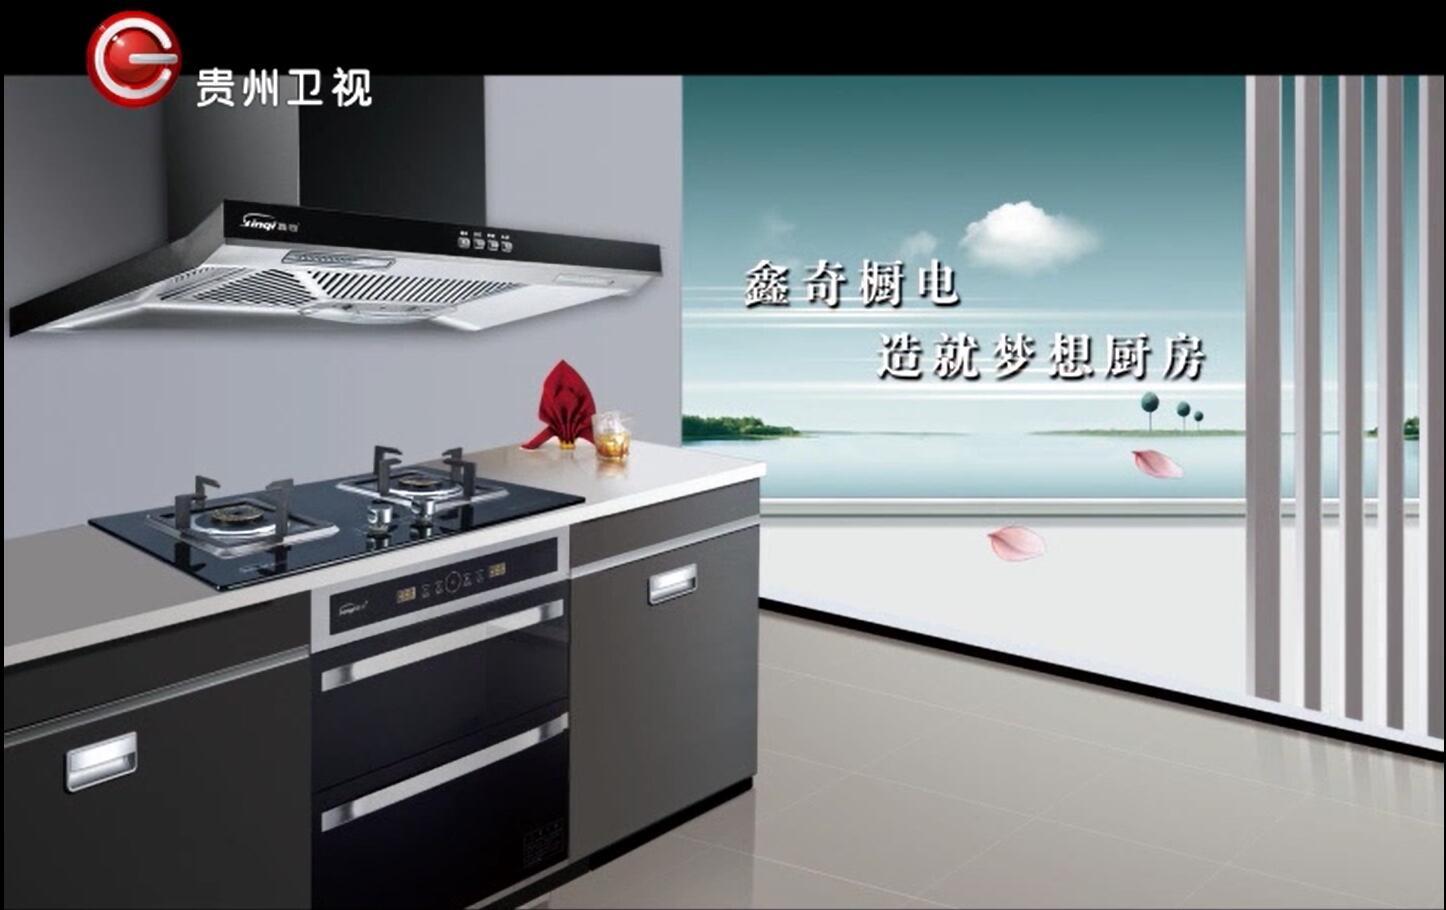 贵州卫视《鑫奇广告》